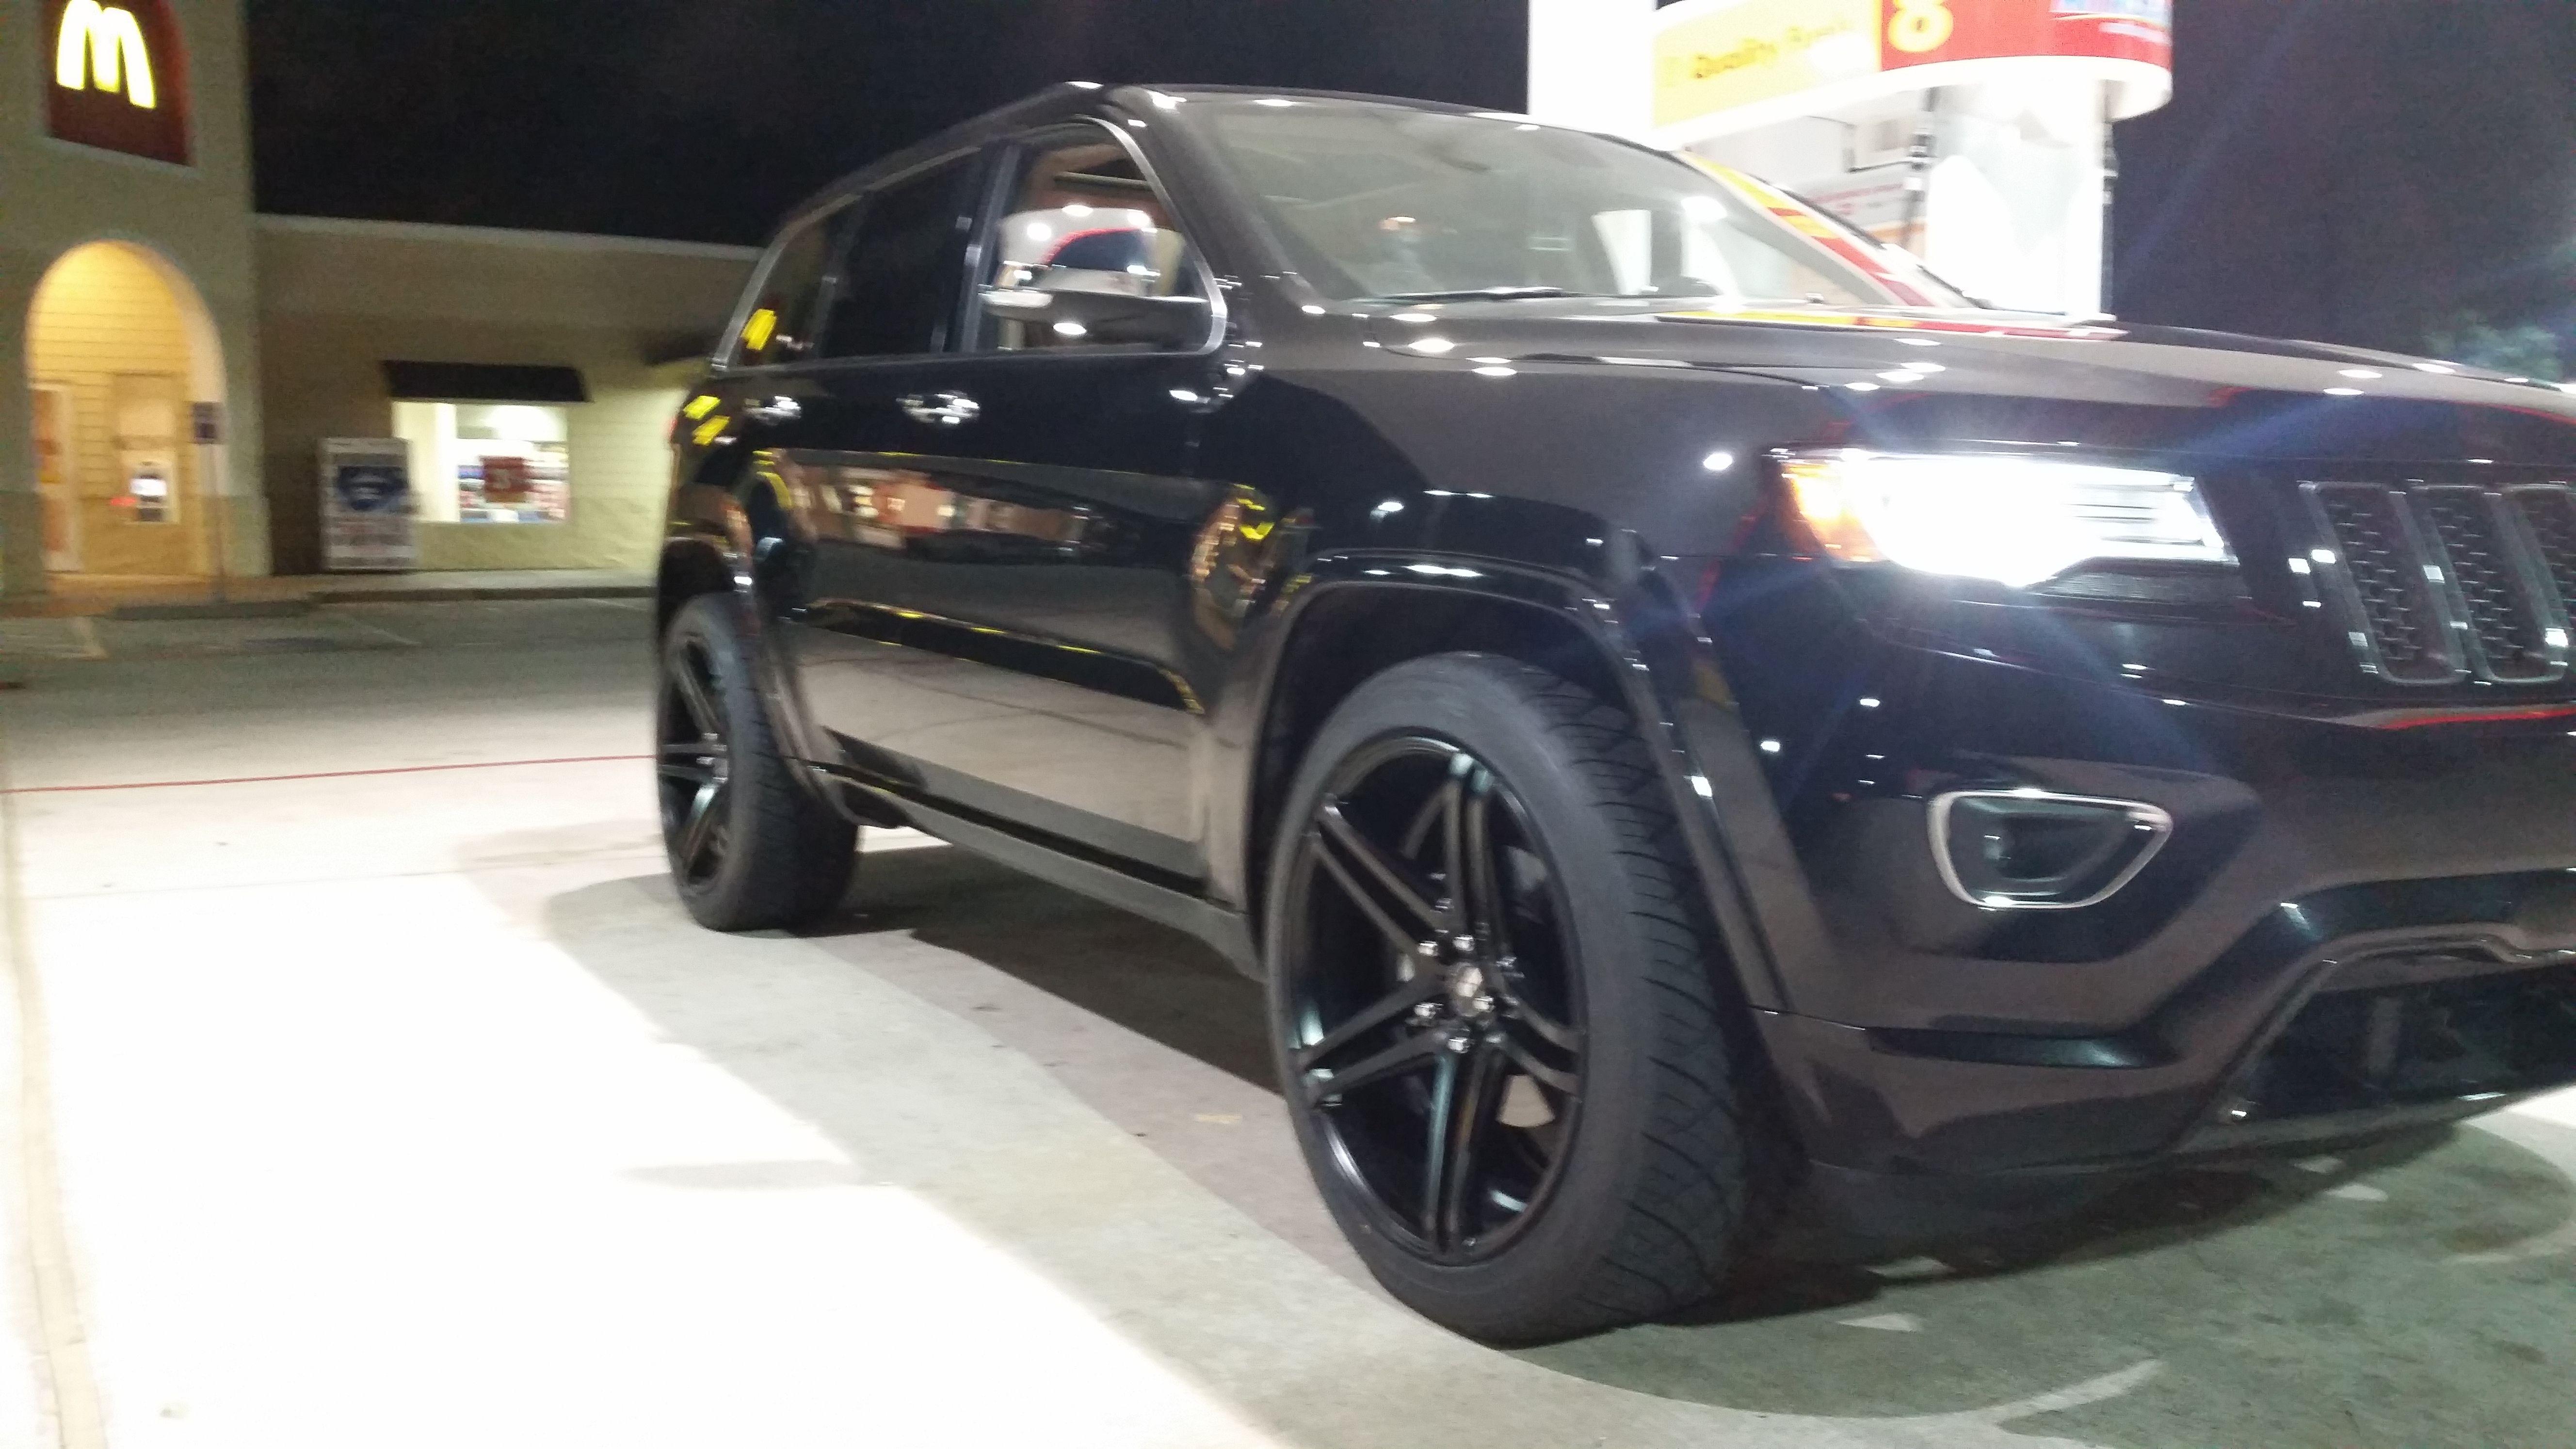 2012 Laredo X 4x4 5 7 Hemi Luxury Package Mods 2 5 Rr Lift Rr